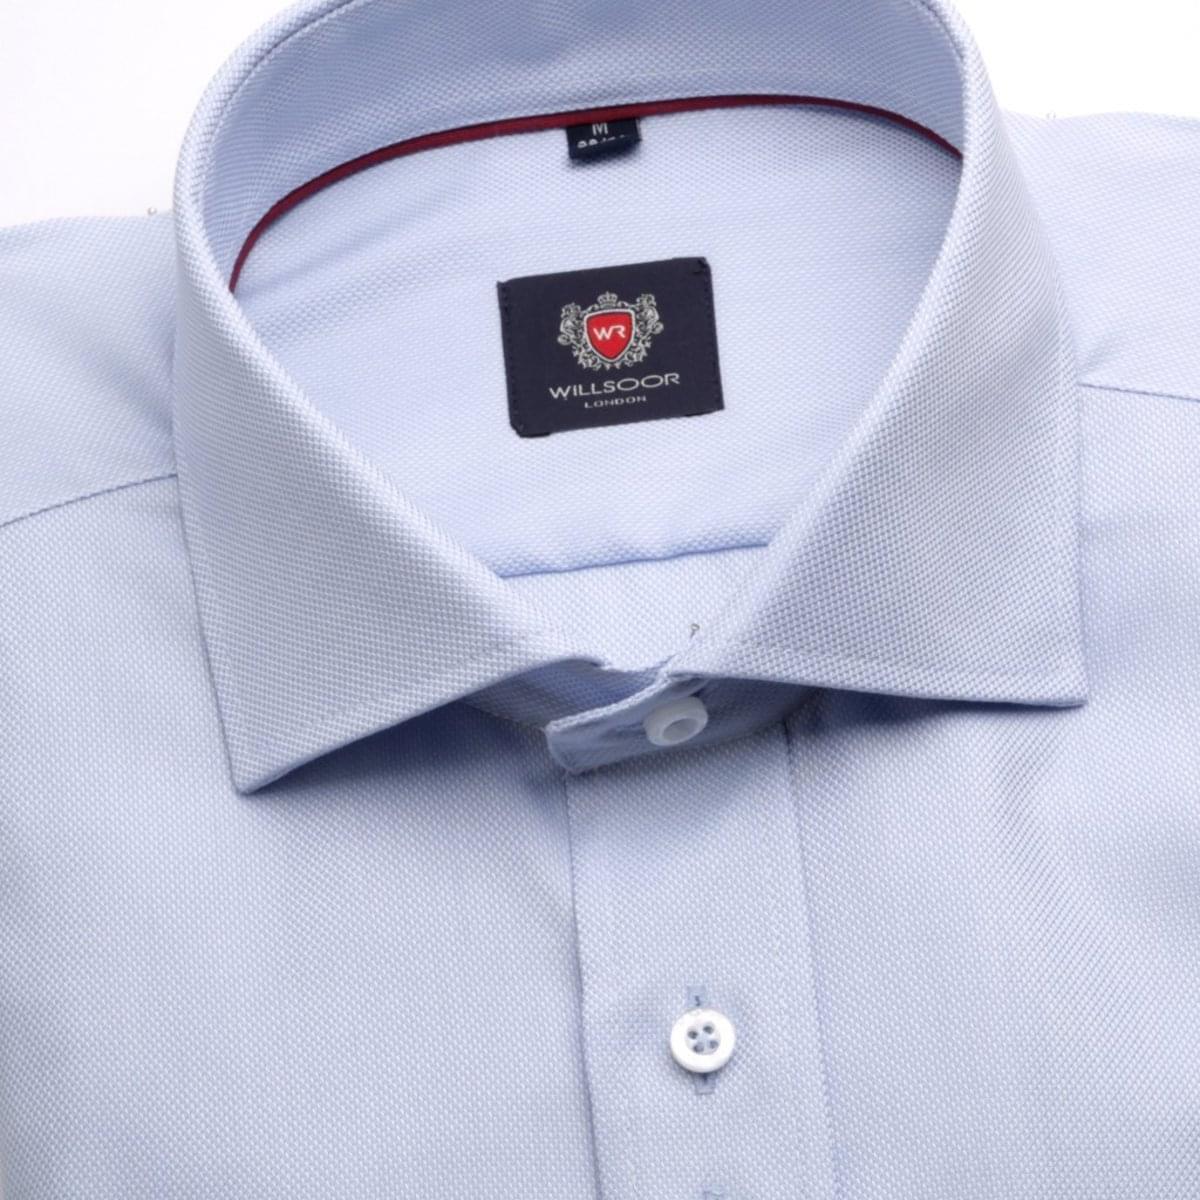 Willsoor Košile WR London (výška176-182) 2137 176-182 / XL (43/44)